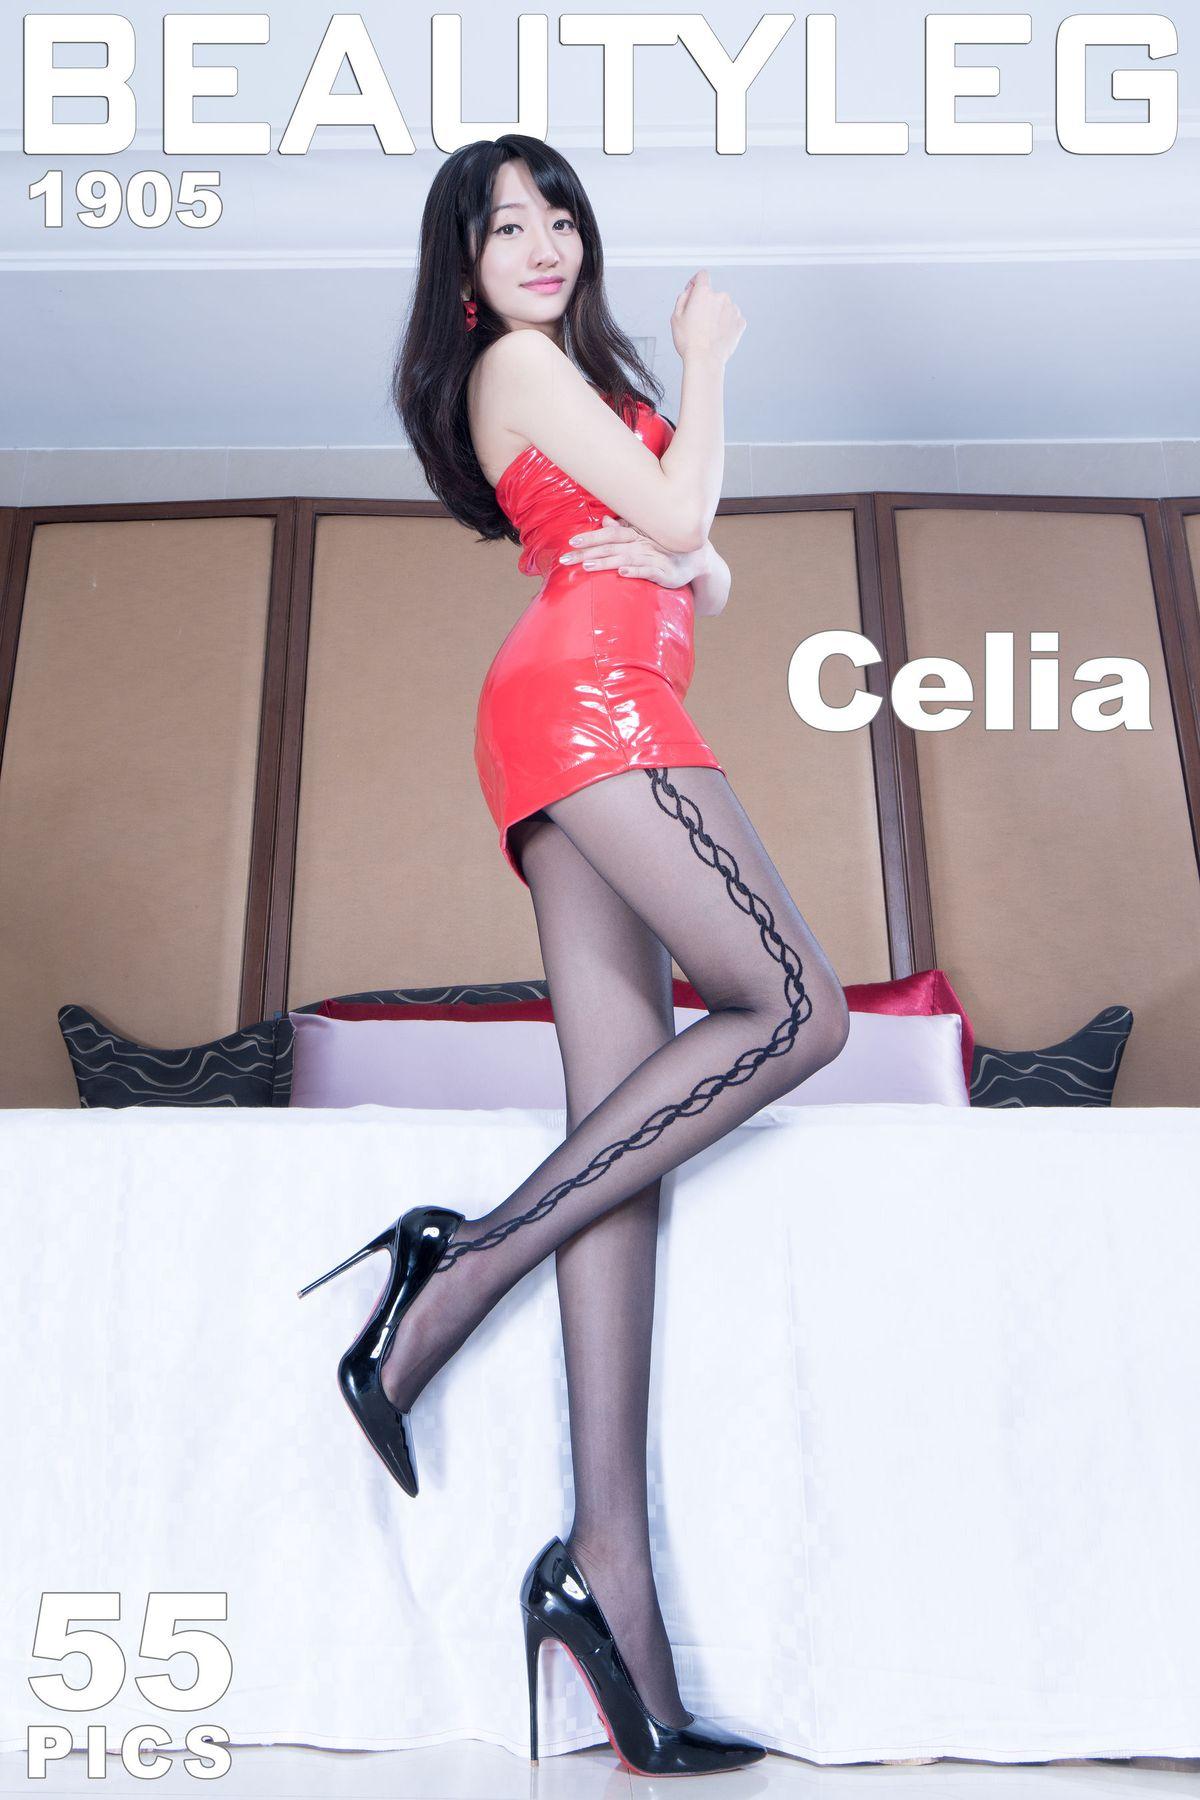 欣洁Celia《黑丝皮裙+肉丝高跟美腿》 [Beautyleg] No.1905 写真集1